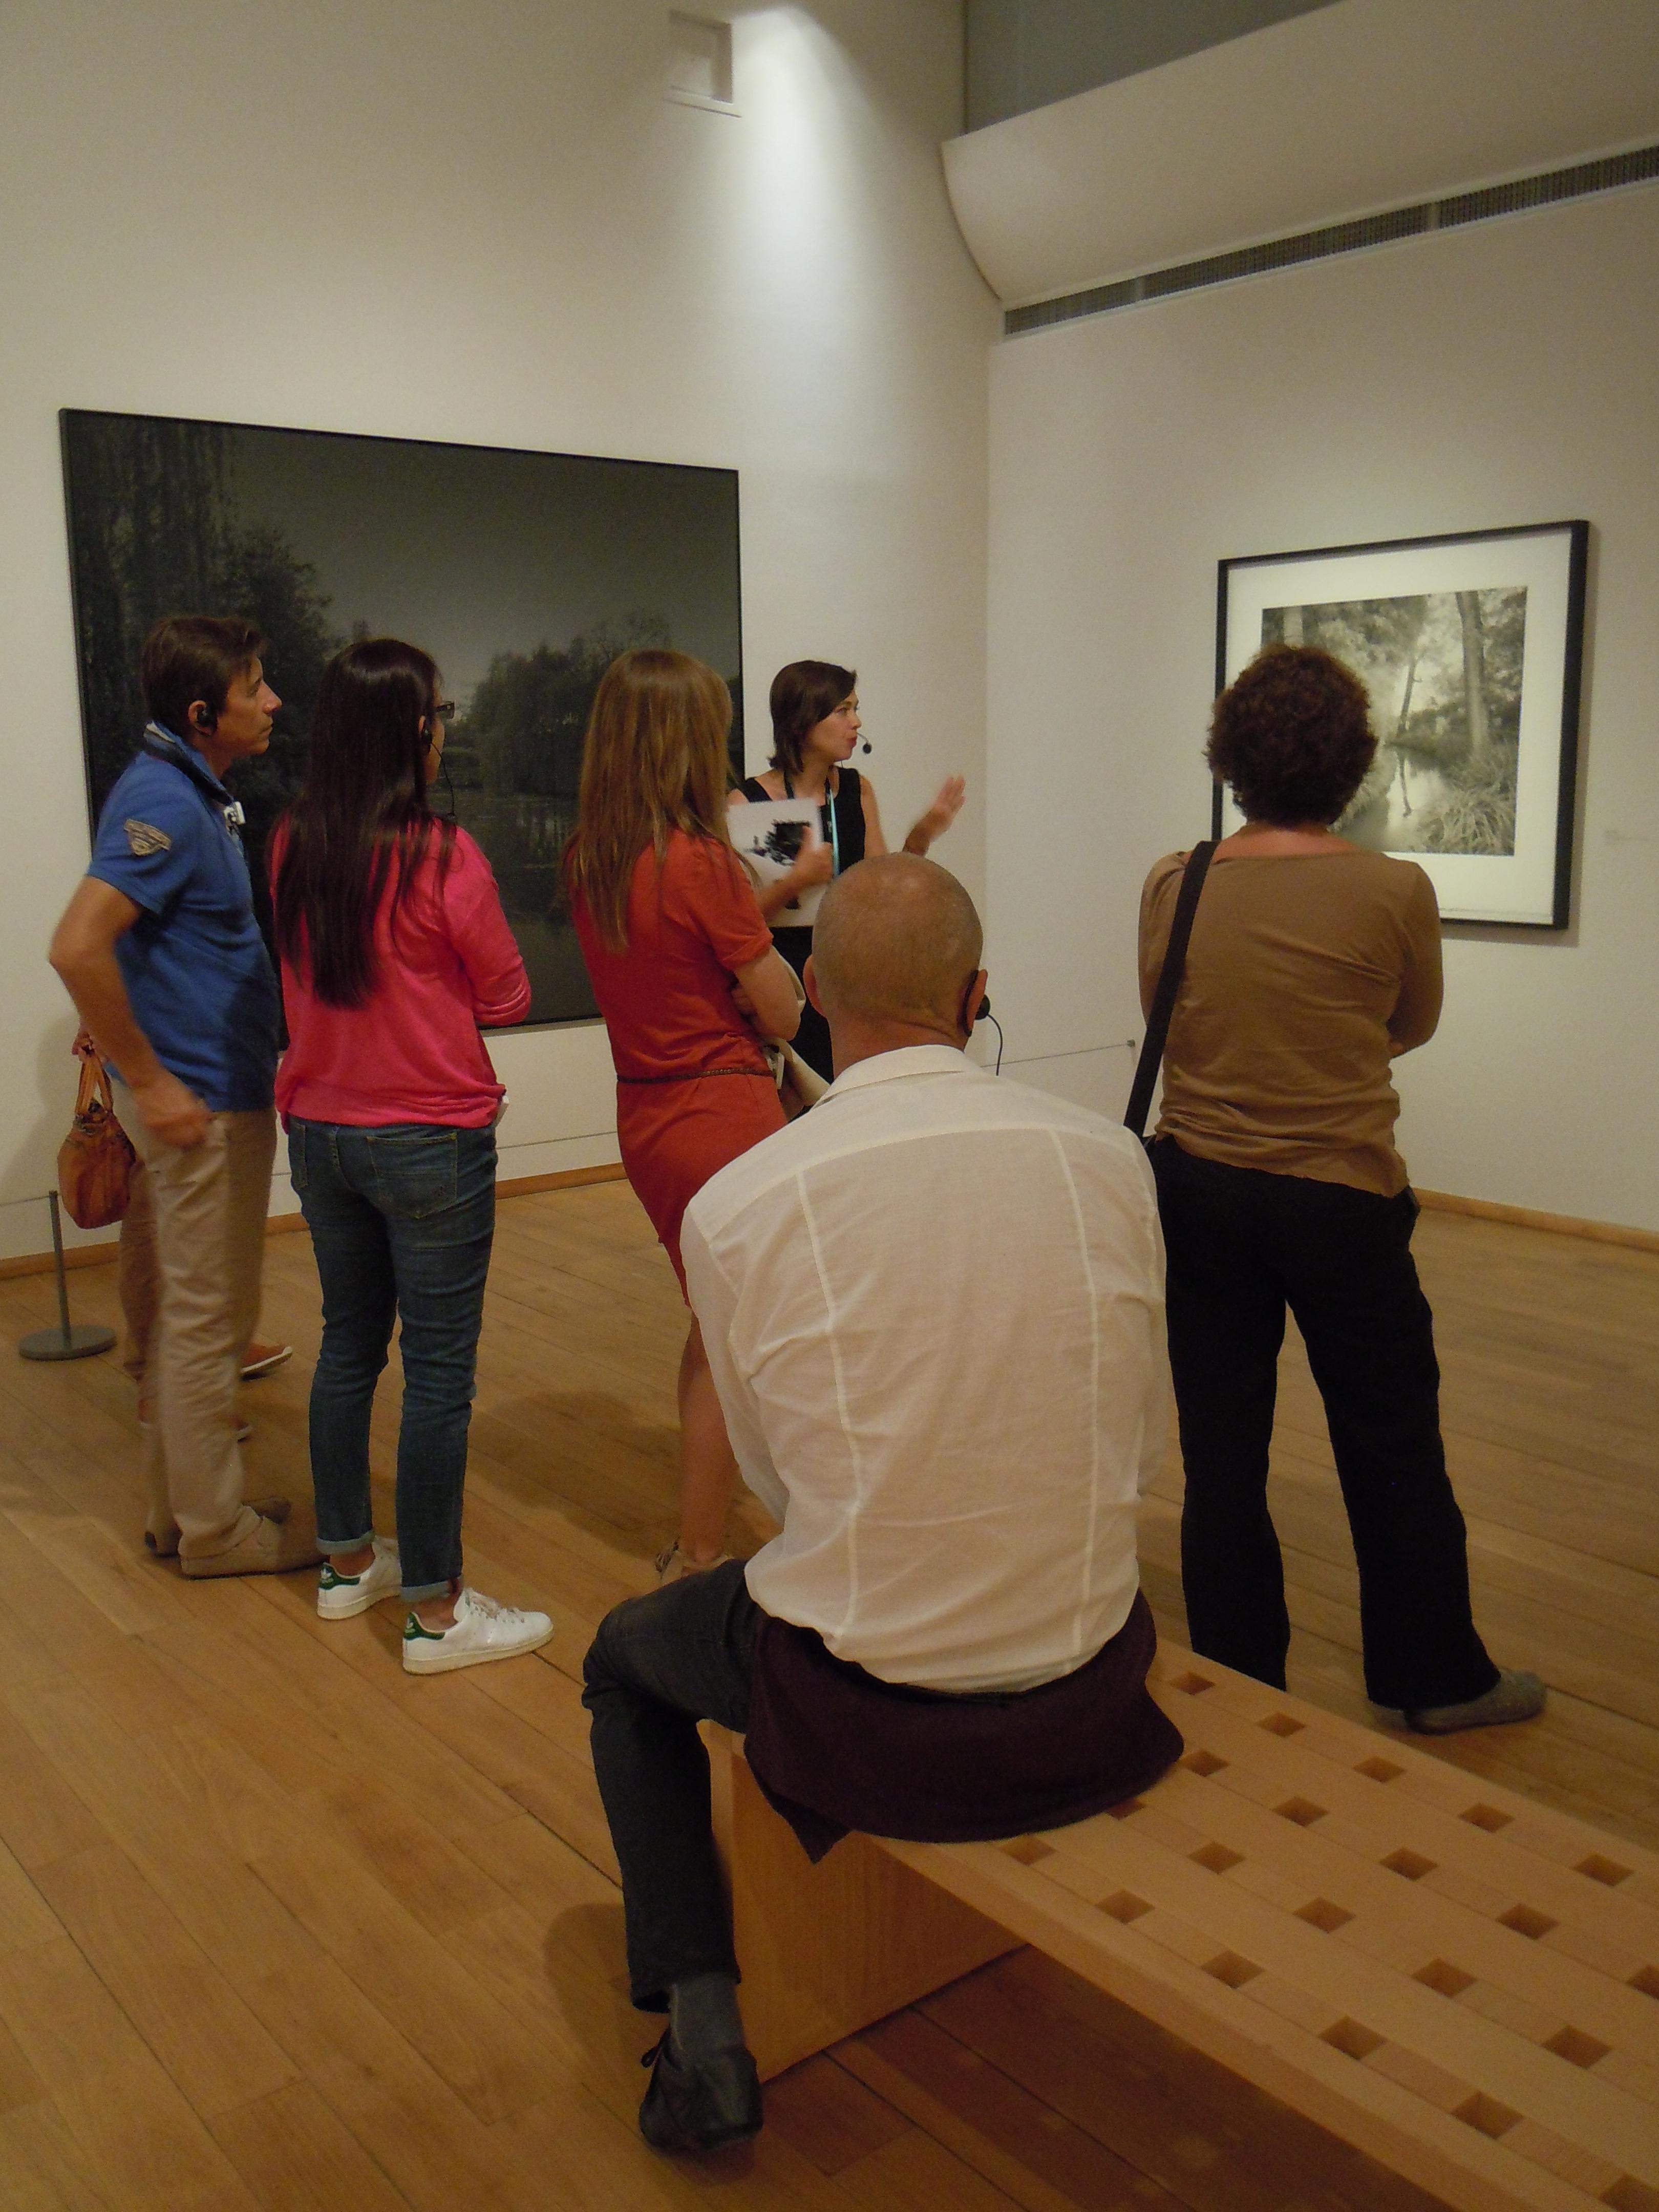 Musée des impressionnismes de Giverny : près de 188 000 visiteurs pour la saison 2015